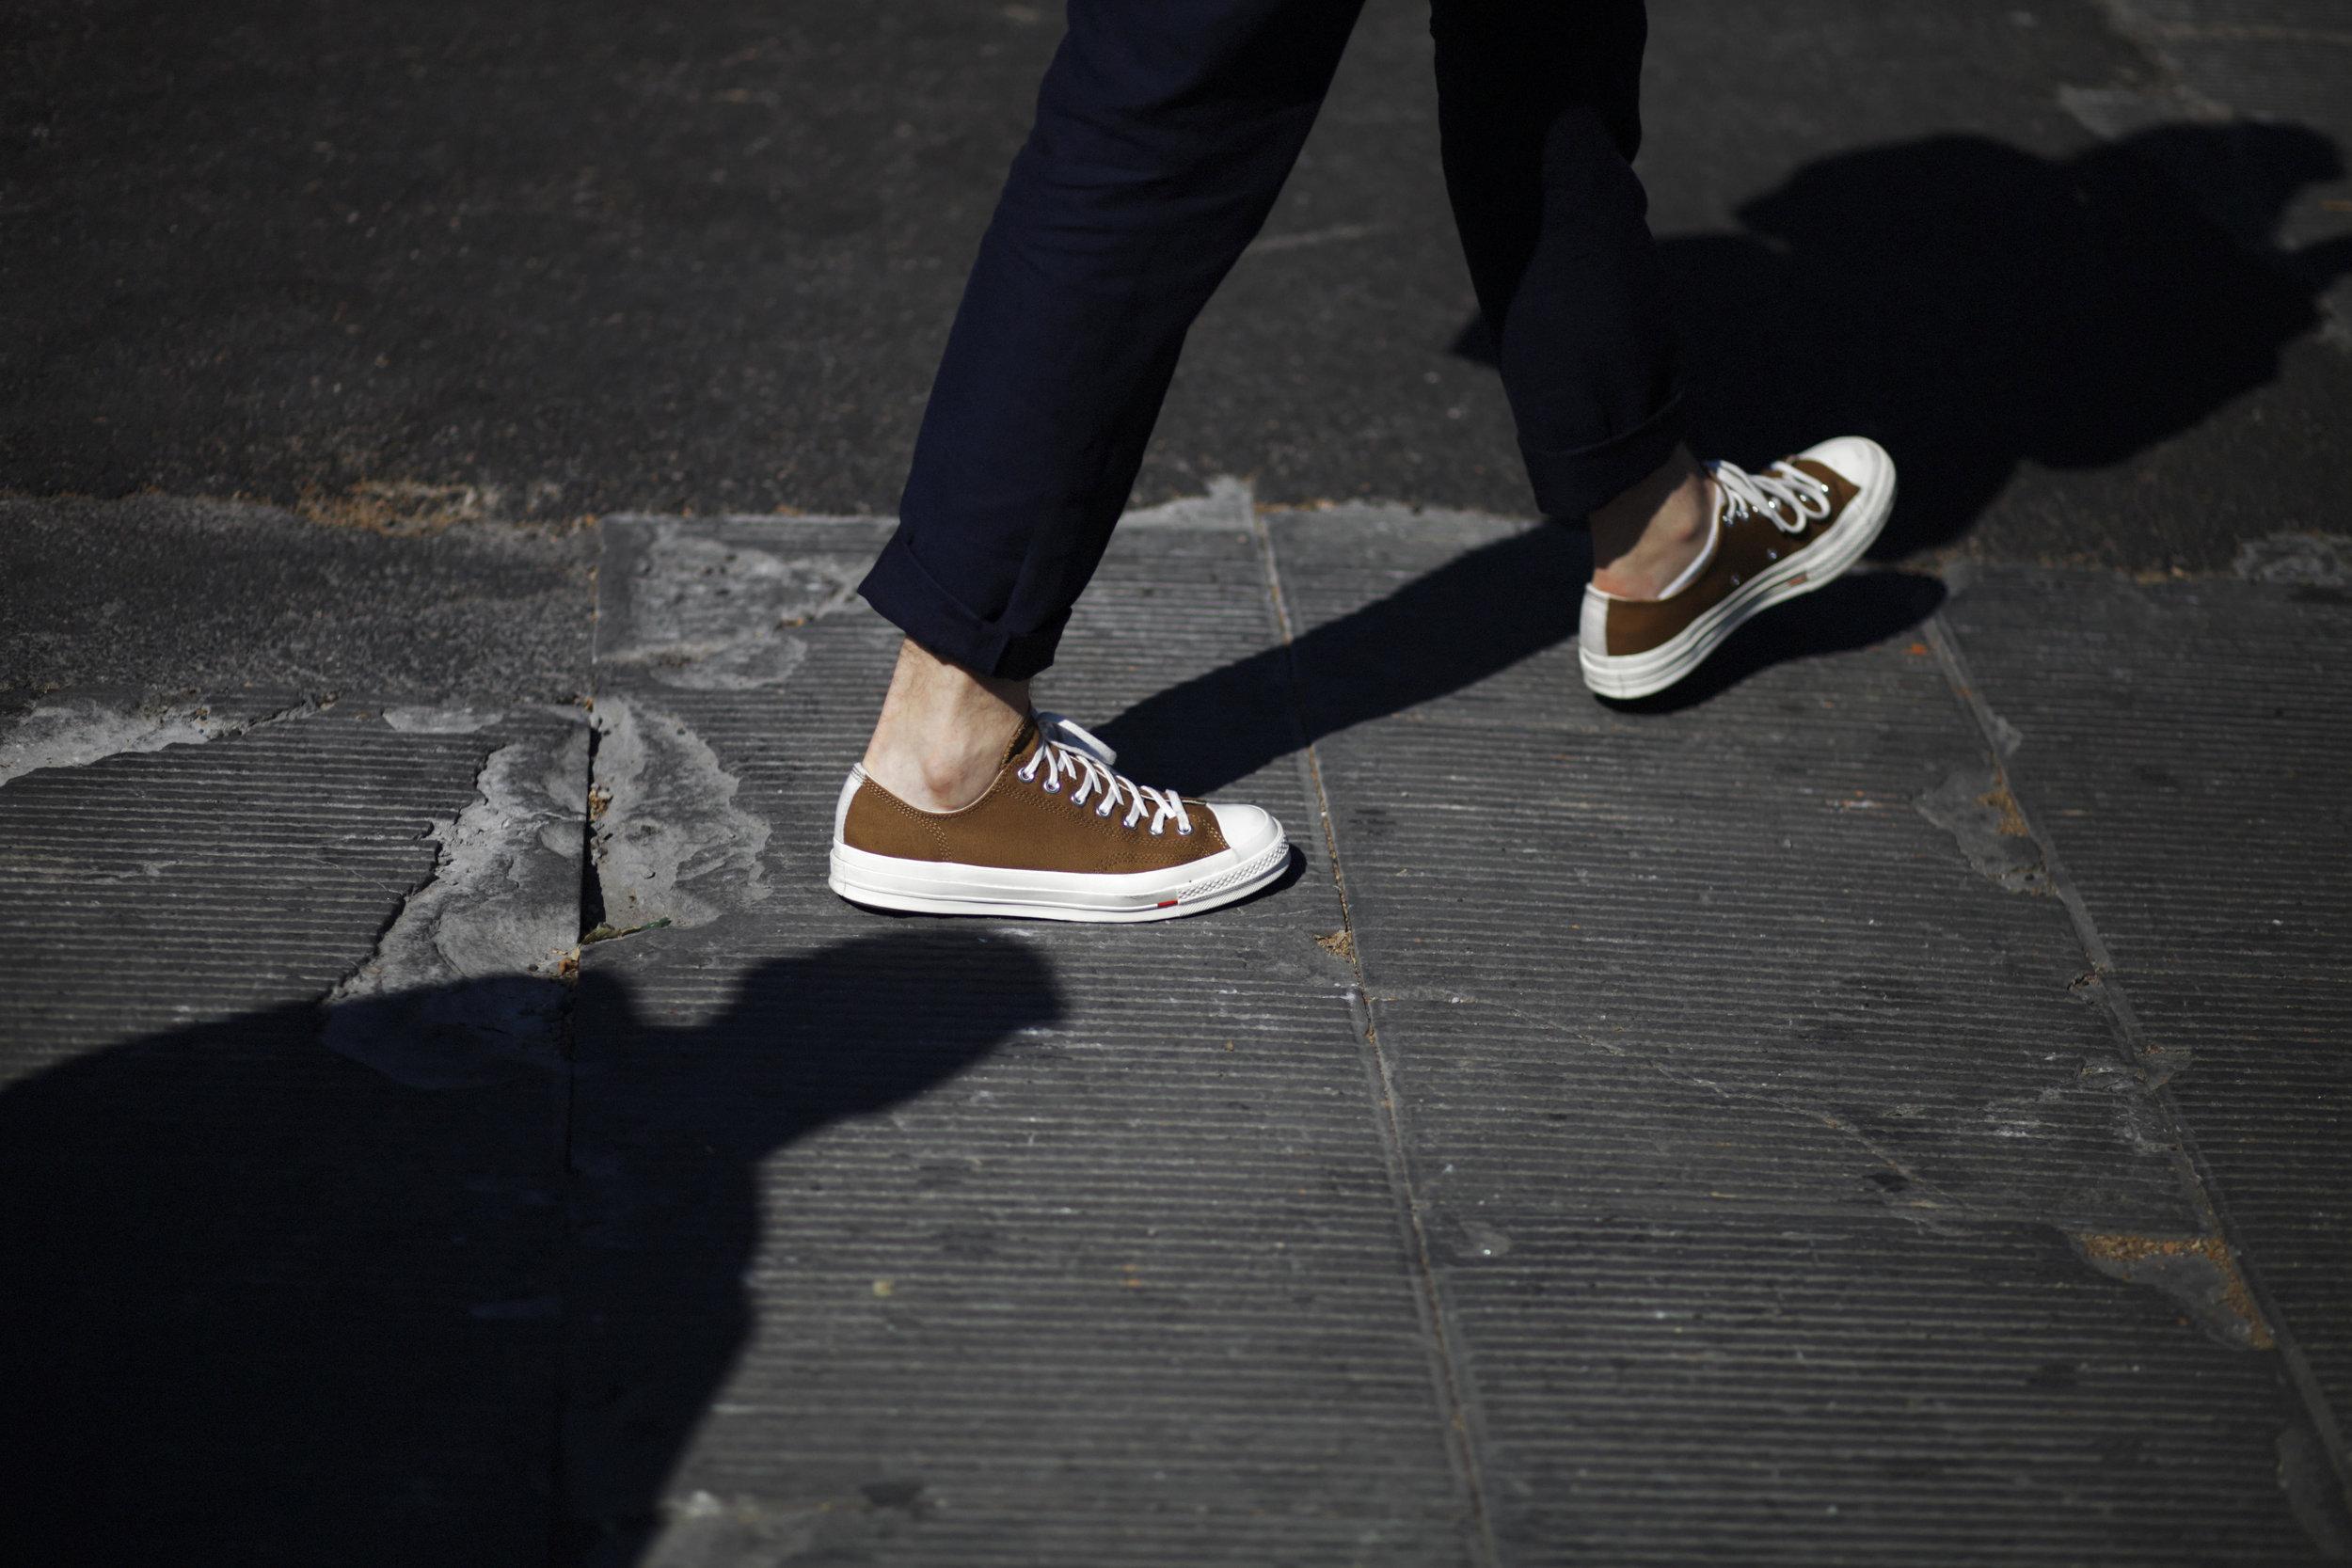 Pitti Uomo les indispensables paris 92 Florence shoes baskets